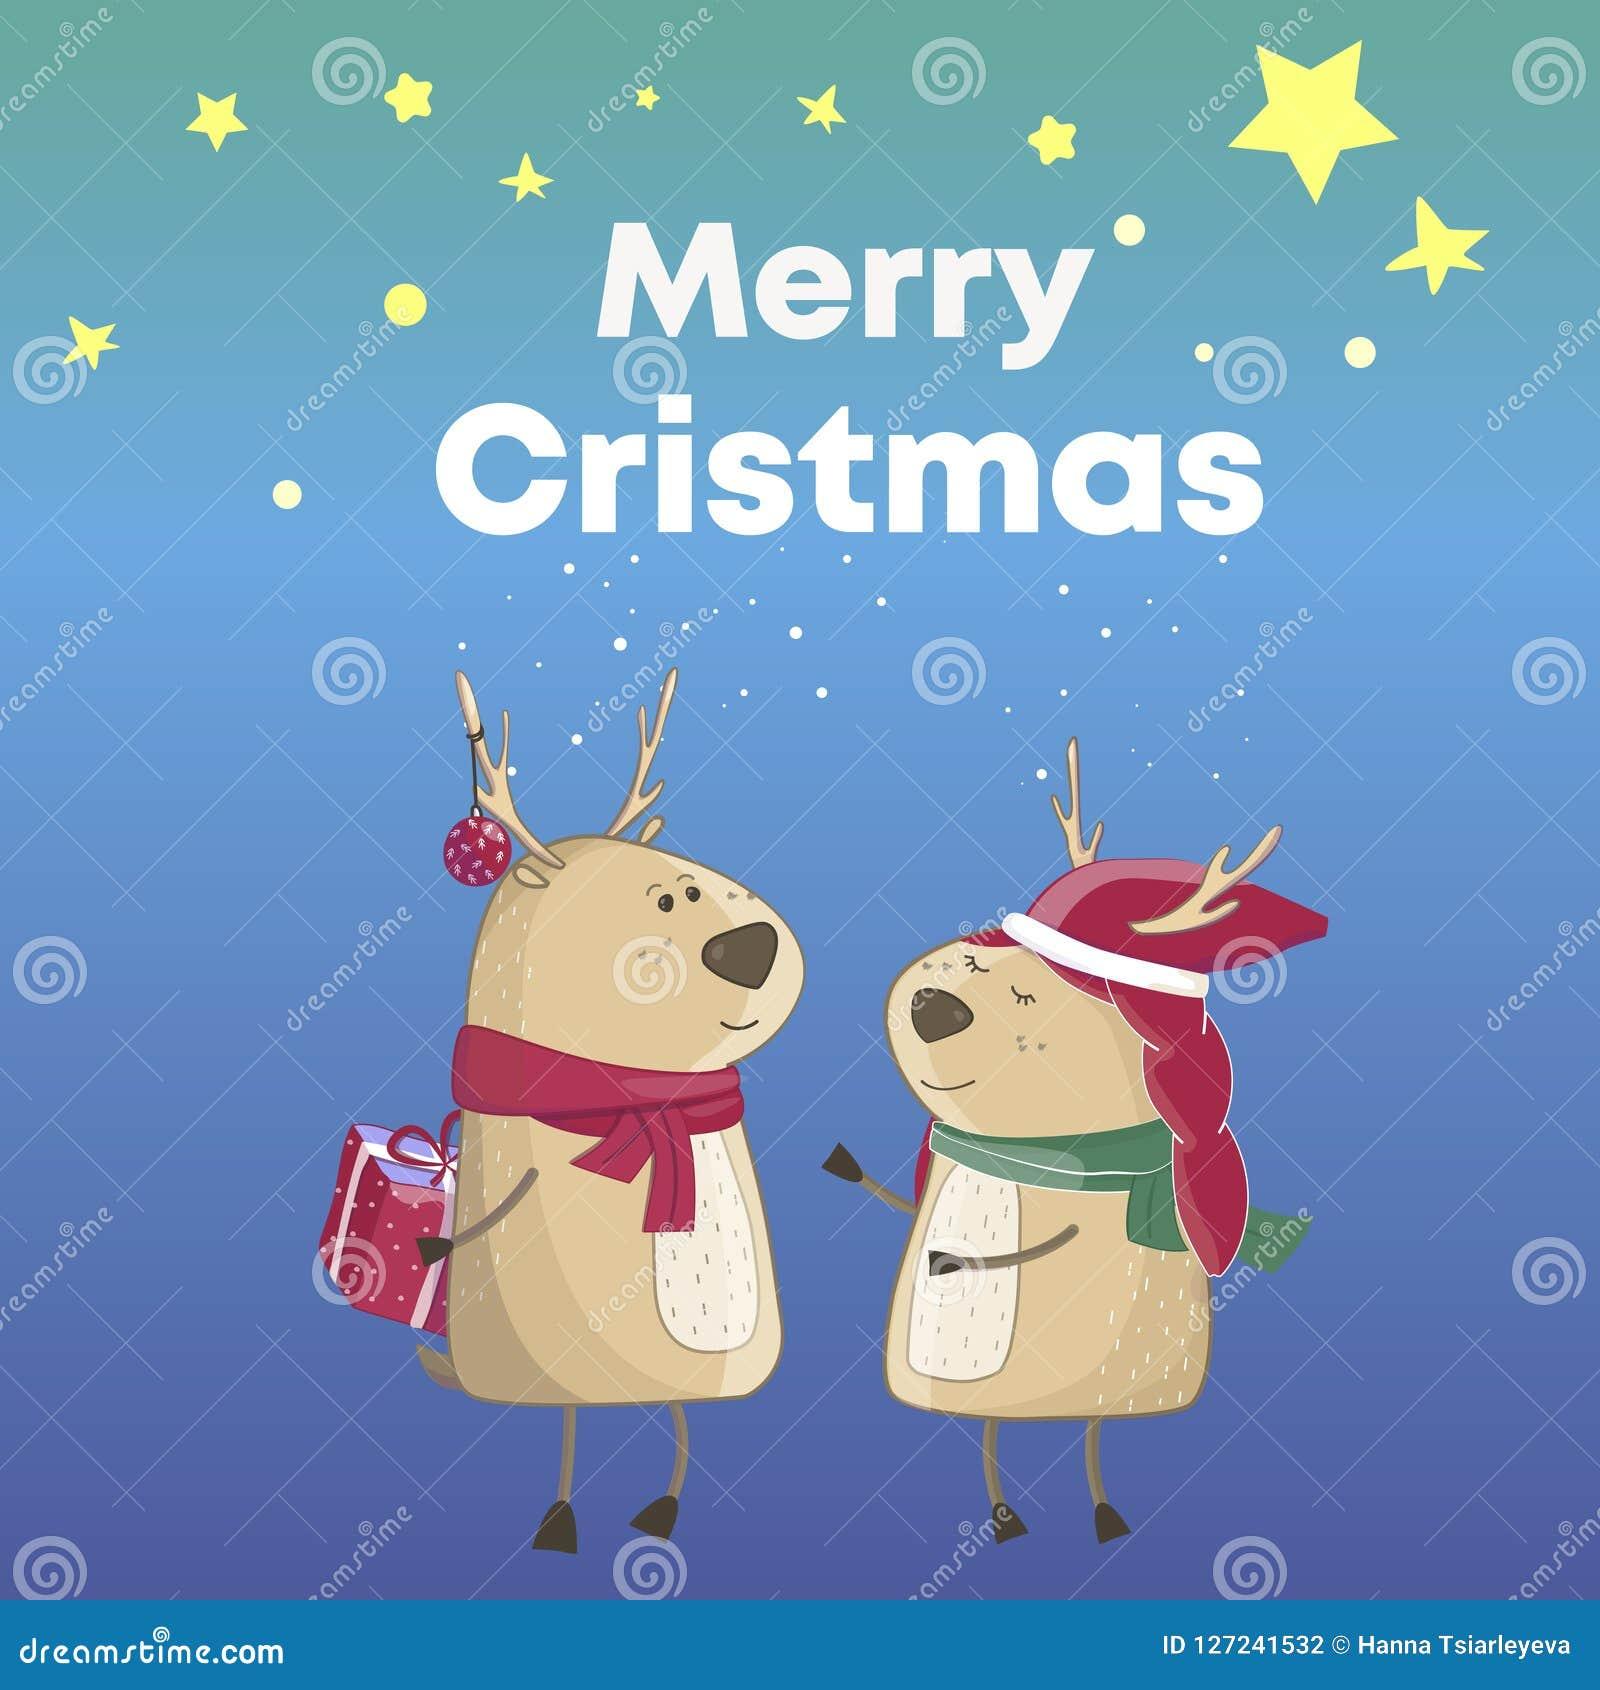 Frohe Weihnachten Lustige Bilder.Karikatur Weihnachtsrotwild Text Frohe Weihnachten Prize